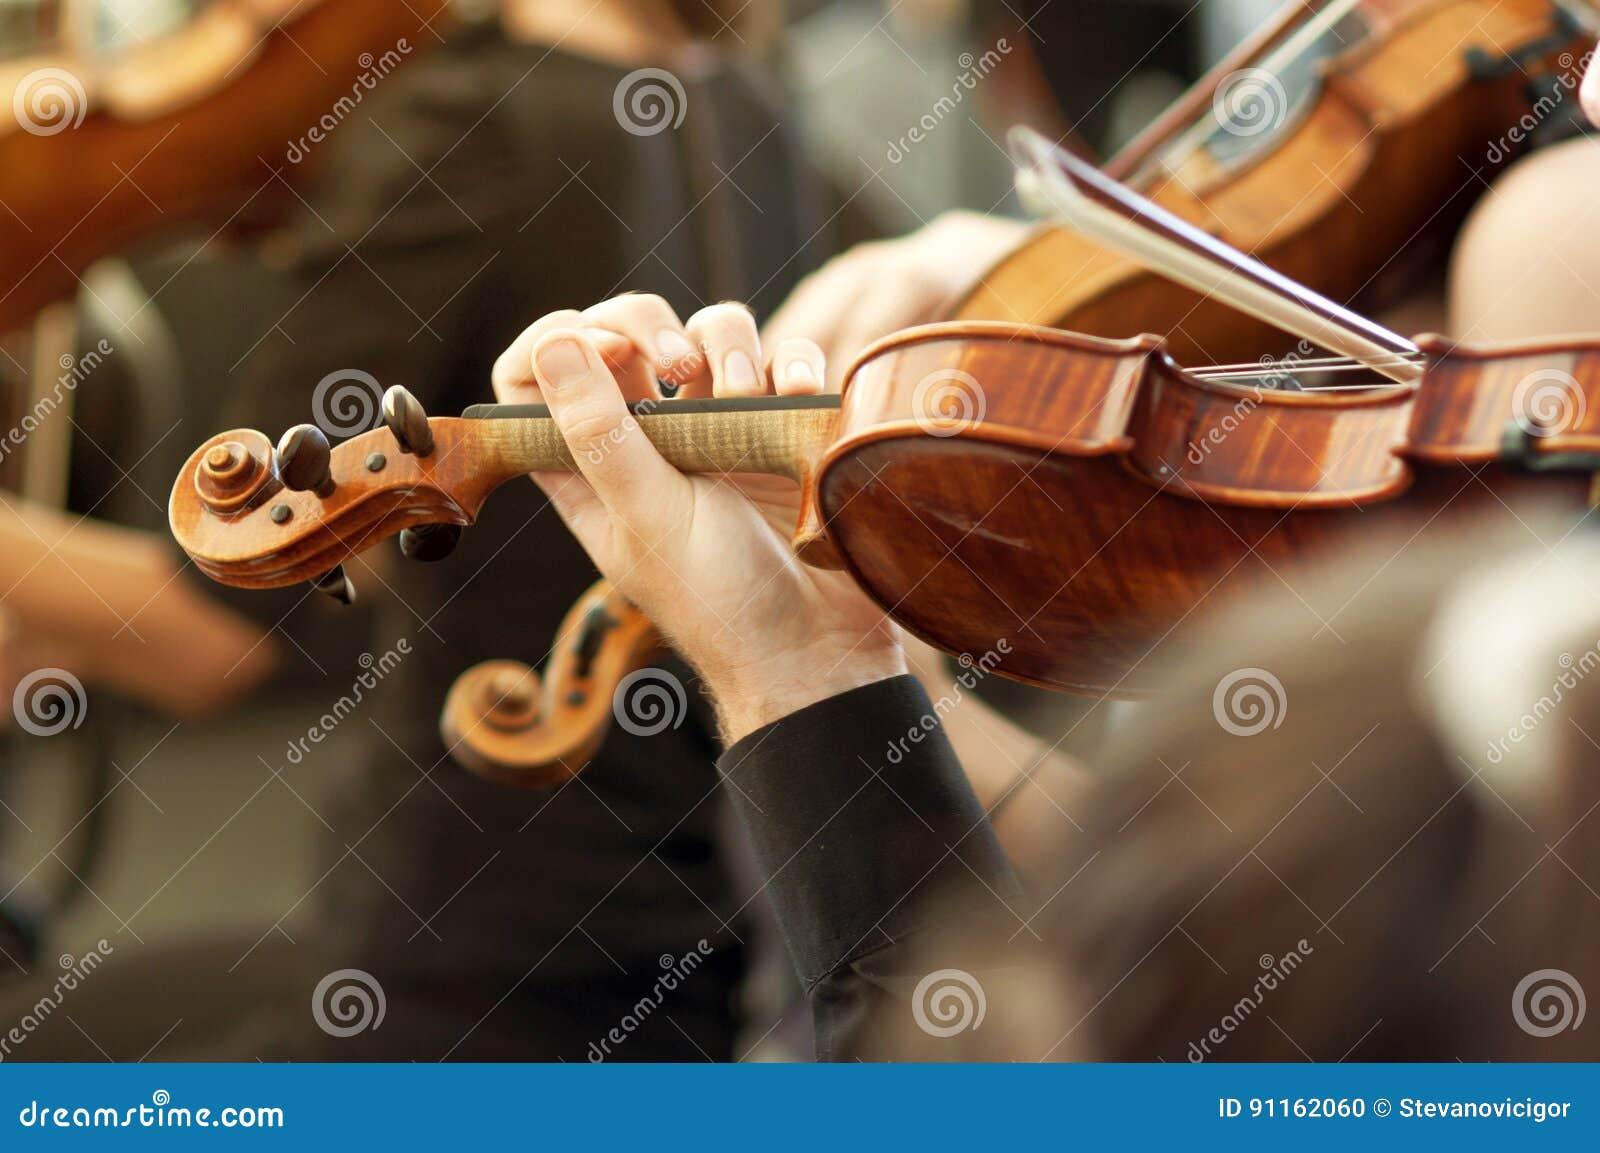 Membro da orquestra da música clássica que joga o violino em um concerto